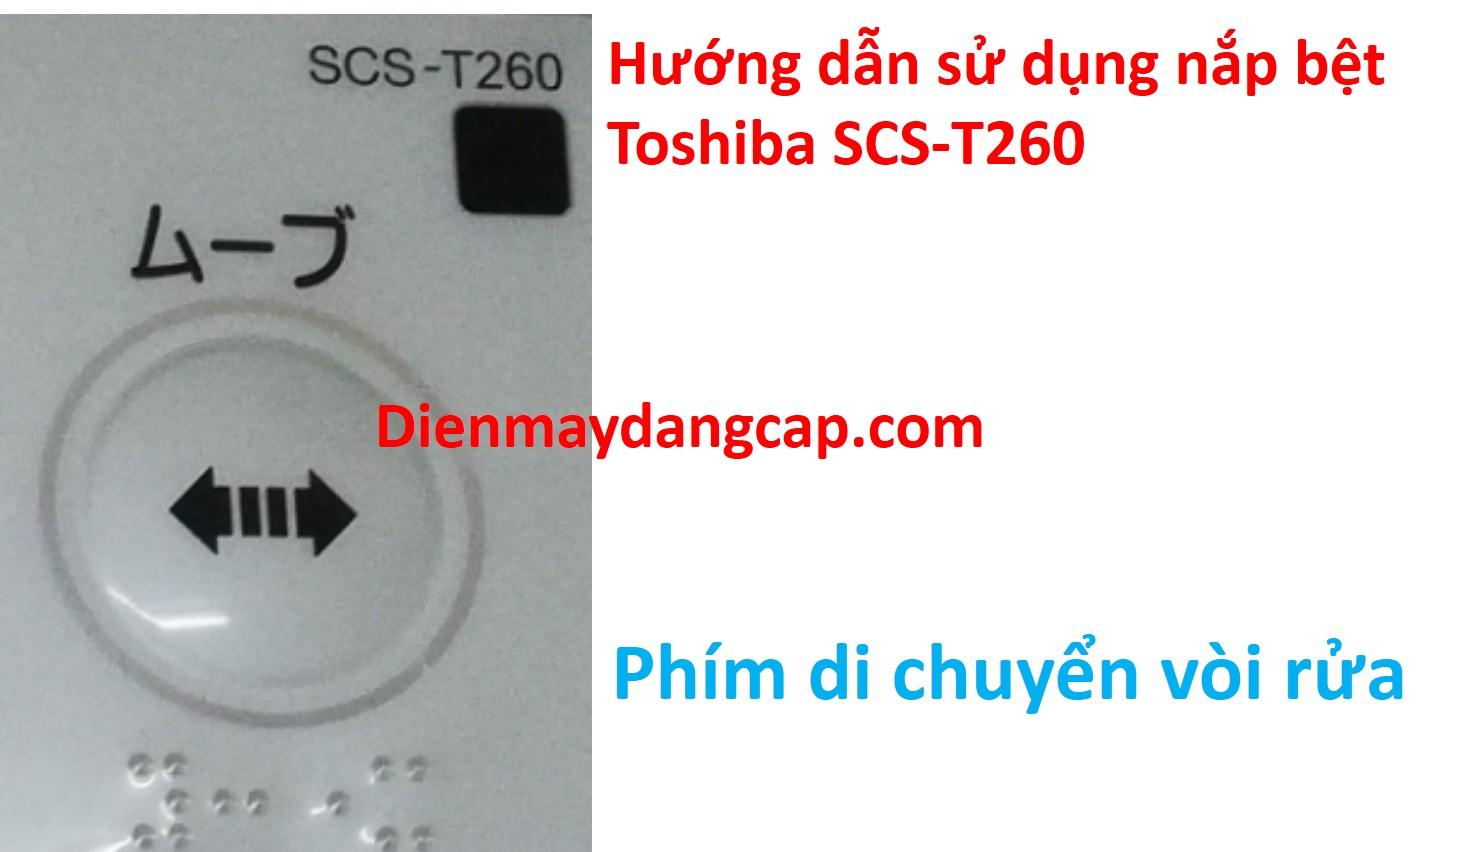 hương dẫn sử dụng bồn cầu Toshiba3